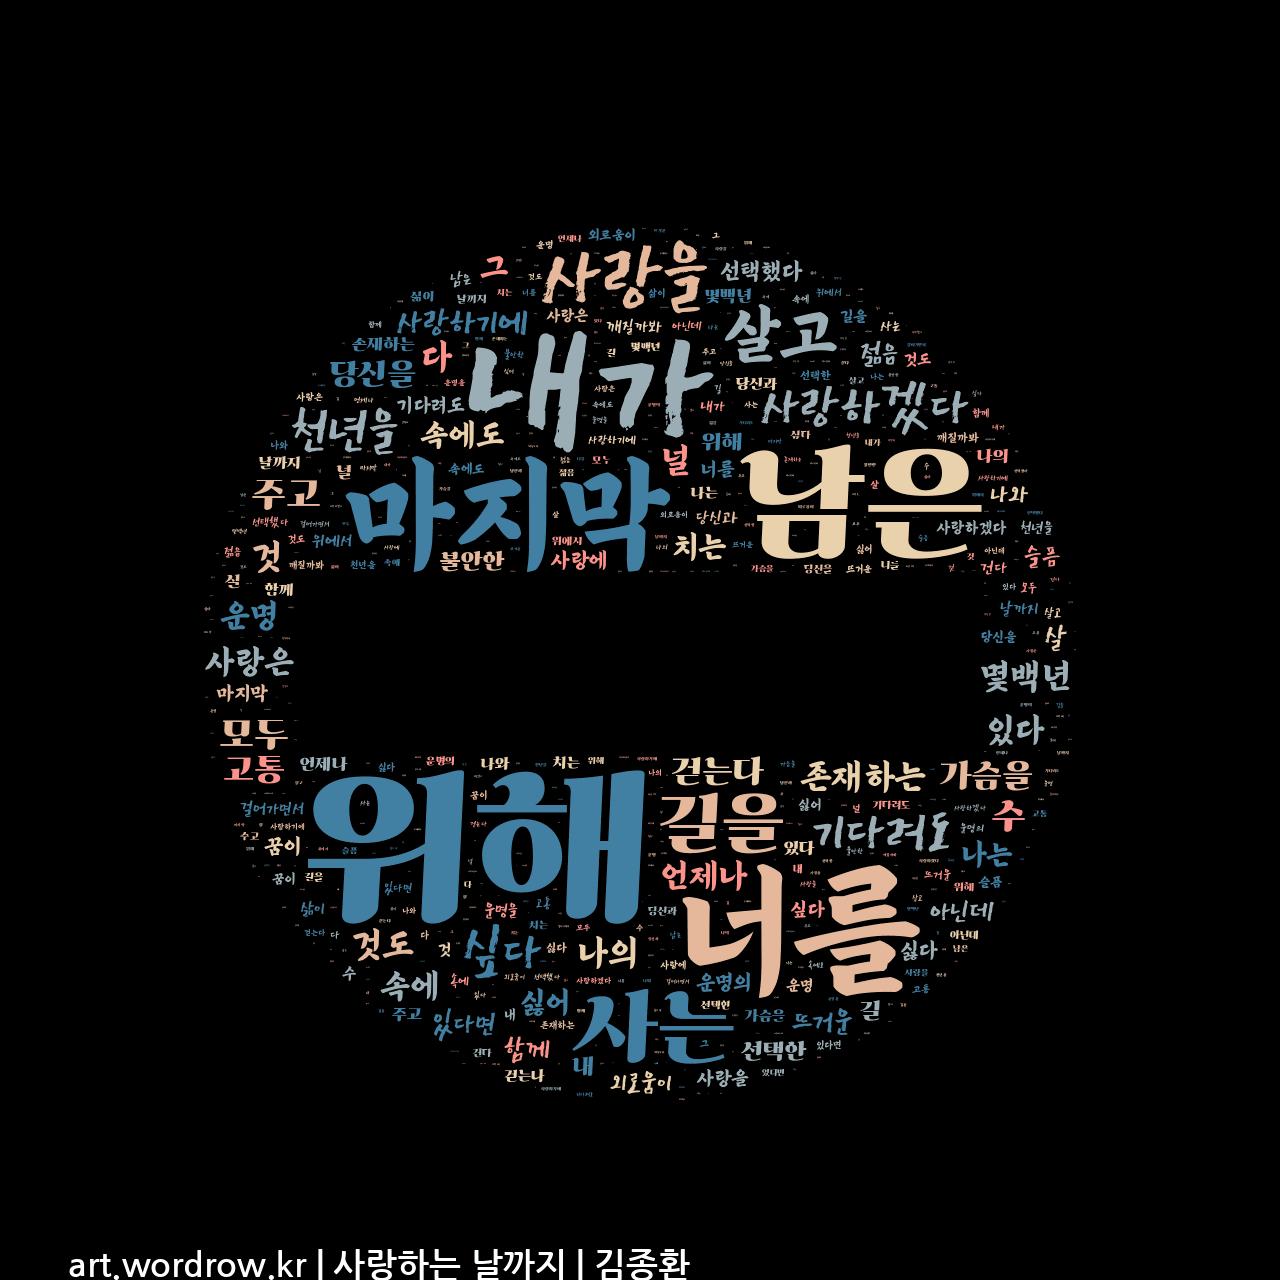 워드 아트: 사랑하는 날까지 [김종환]-19